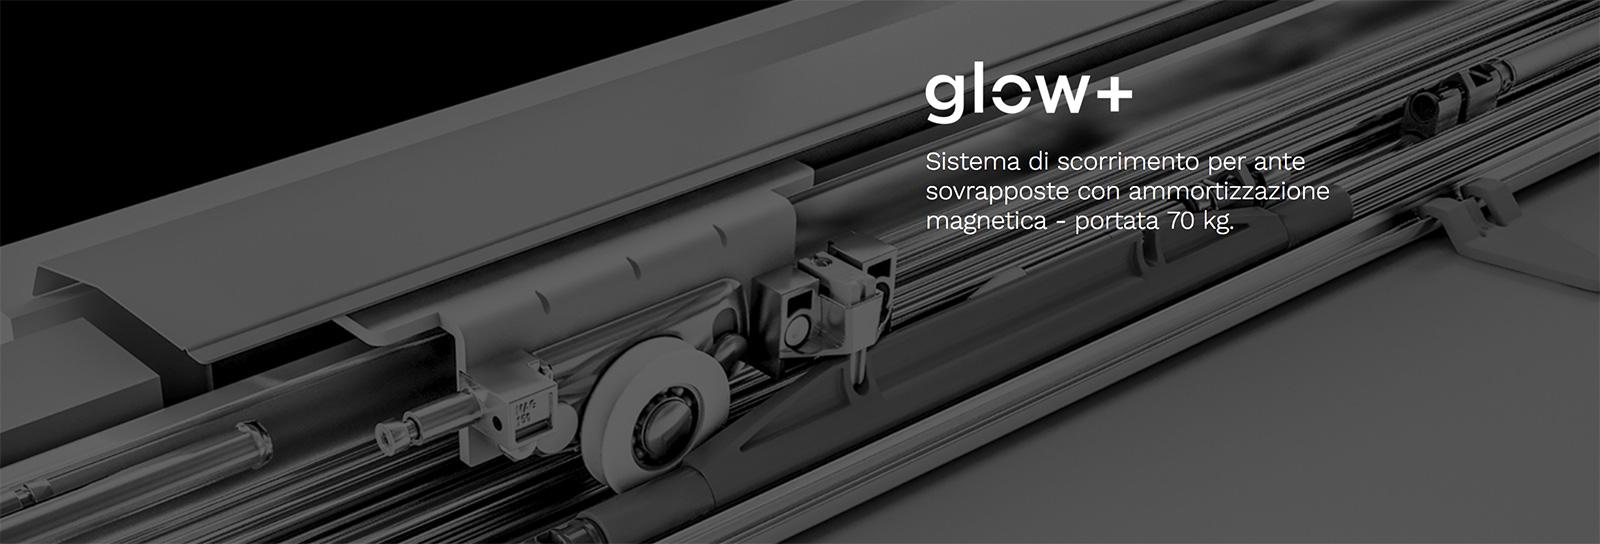 glow-bortoluzzi-sistemi